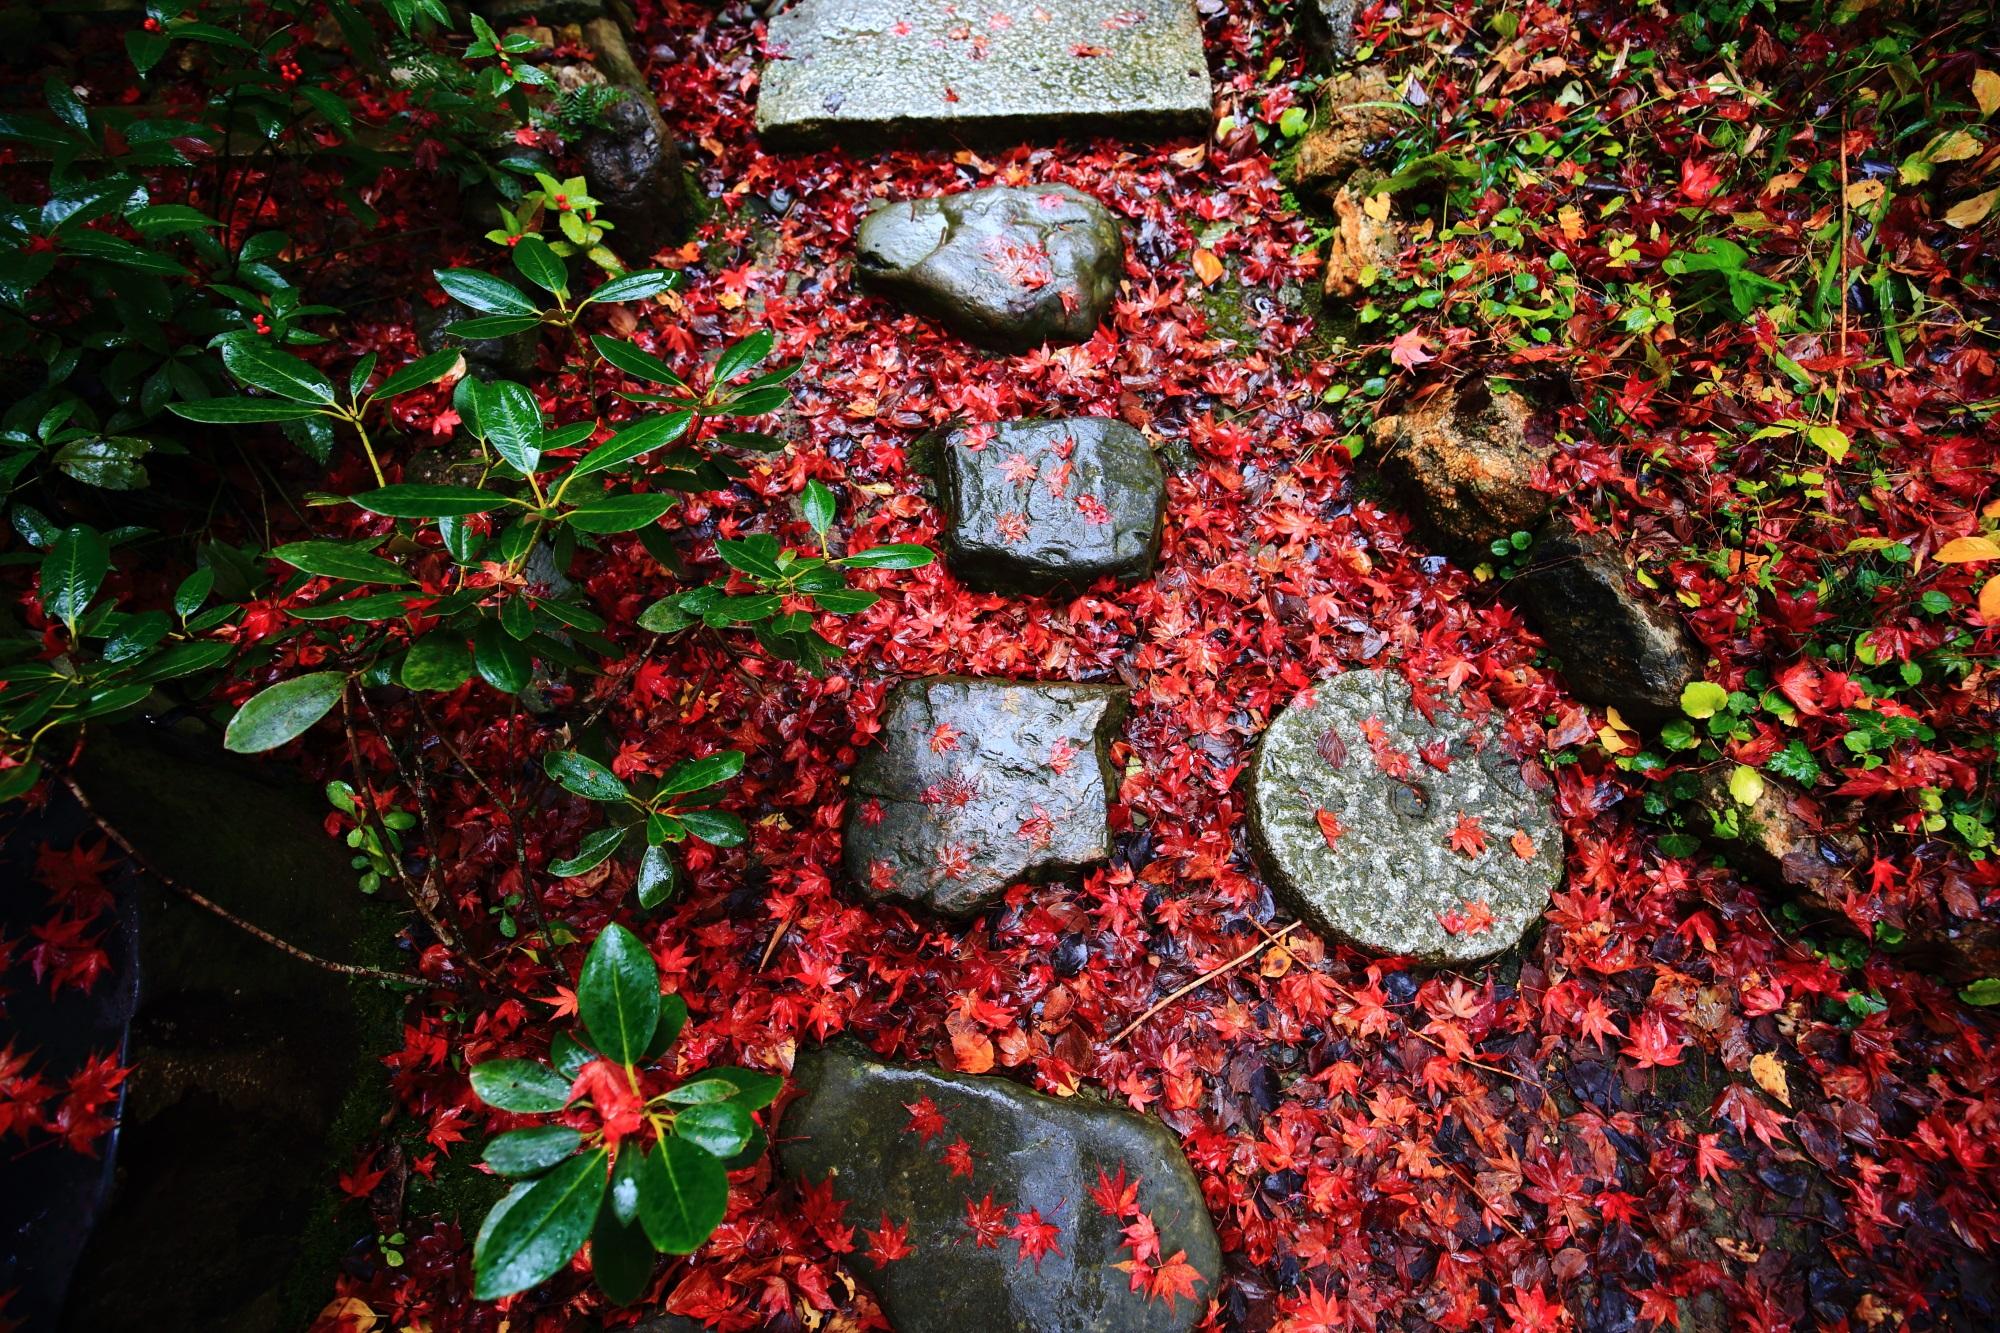 雨に濡れた美しい紅葉につつまれた直指庵の二河白道の庭